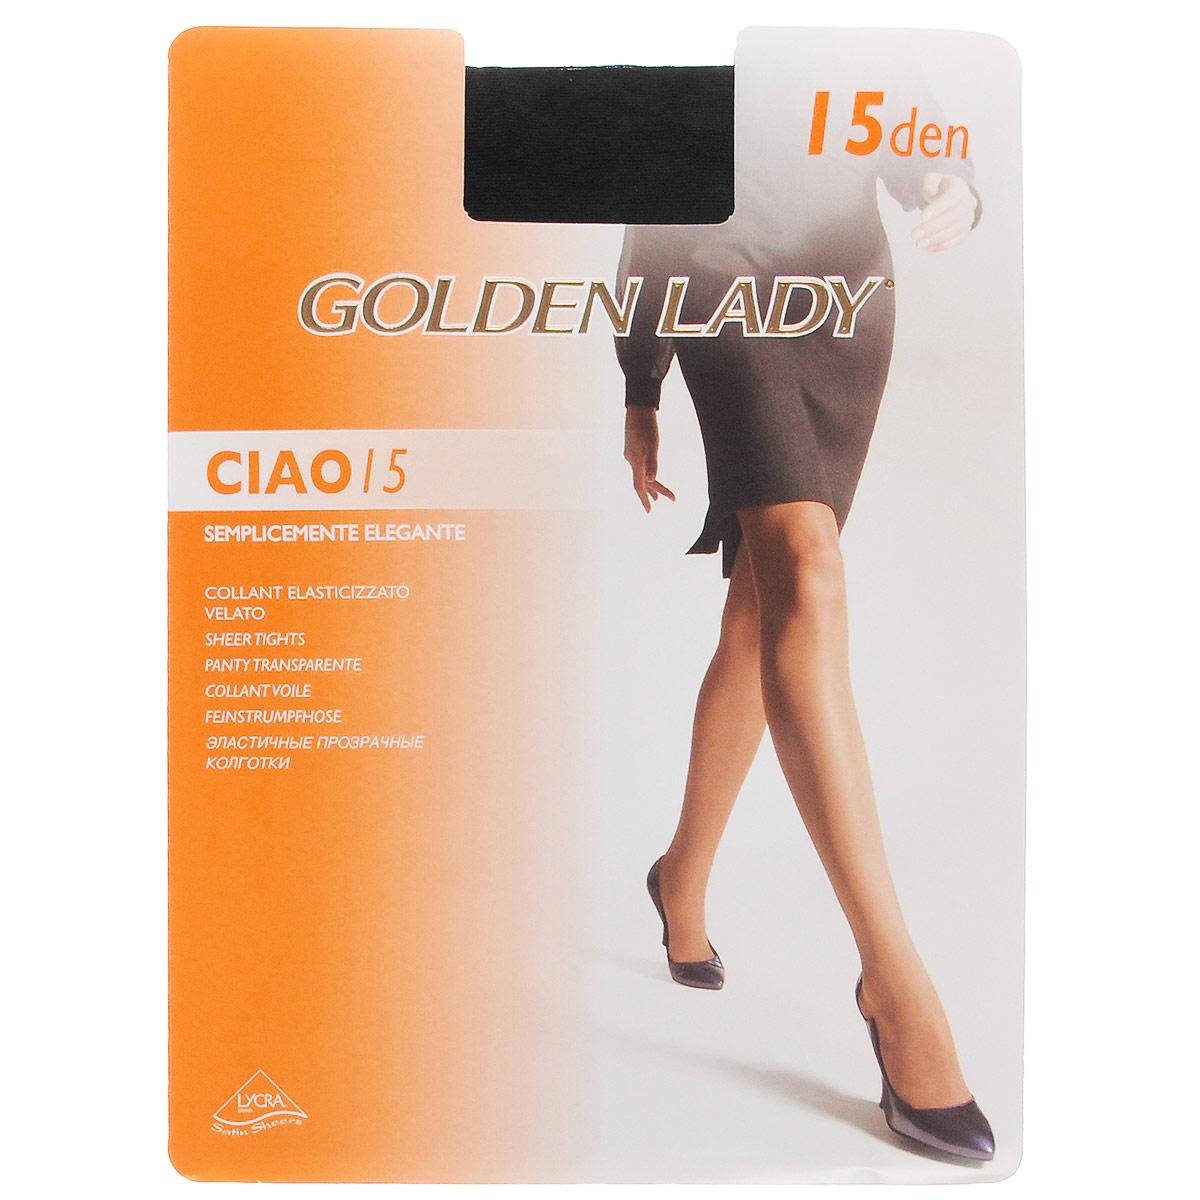 Колготки женские Golden Lady Ciao 15, цвет: Nero (черный). 36N-UR. Размер 3 (M) golden lina колготки оптом